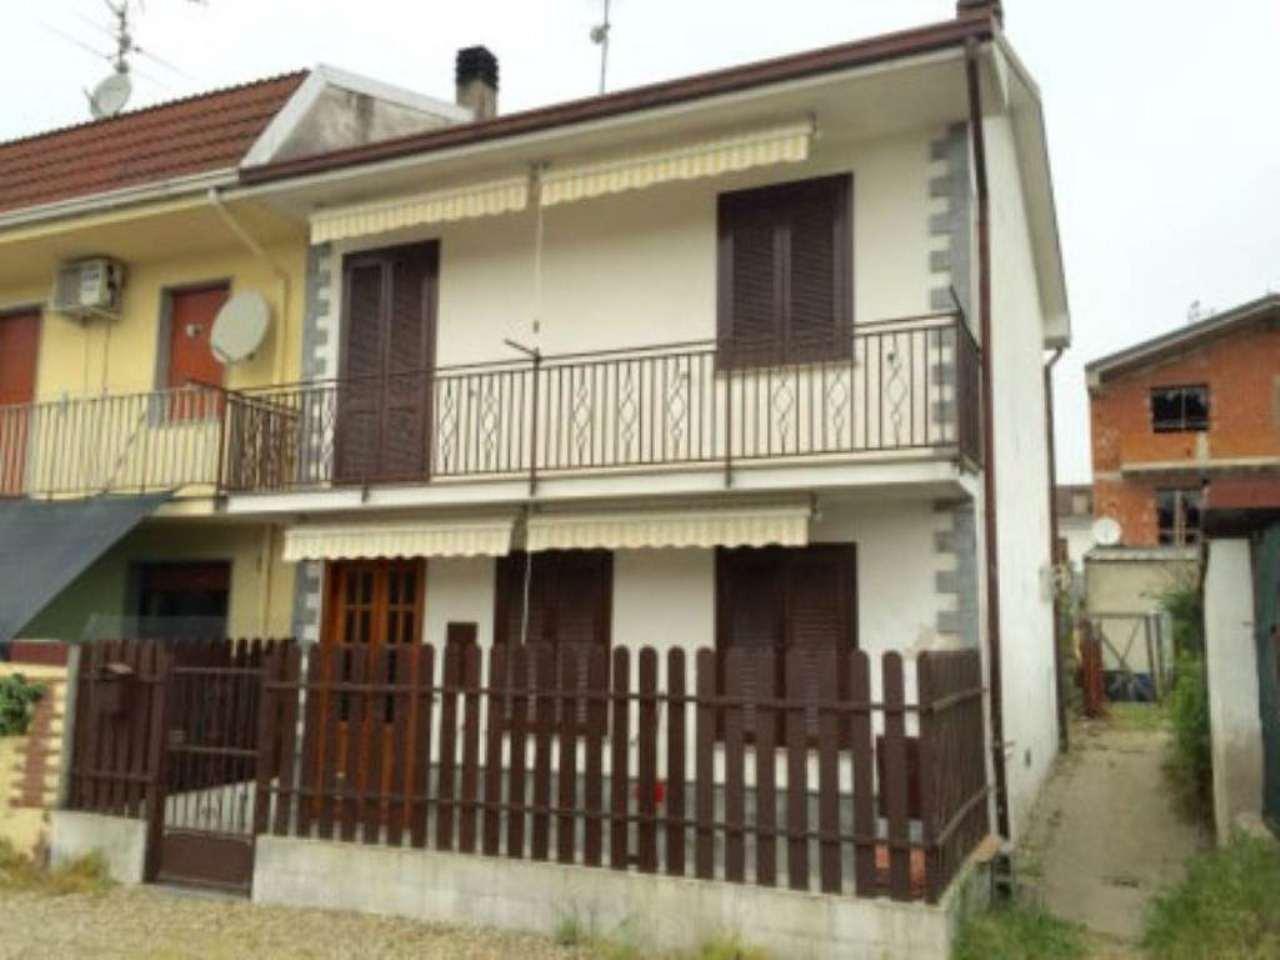 Soluzione Indipendente in vendita a Mortara, 2 locali, prezzo € 75.000 | Cambio Casa.it